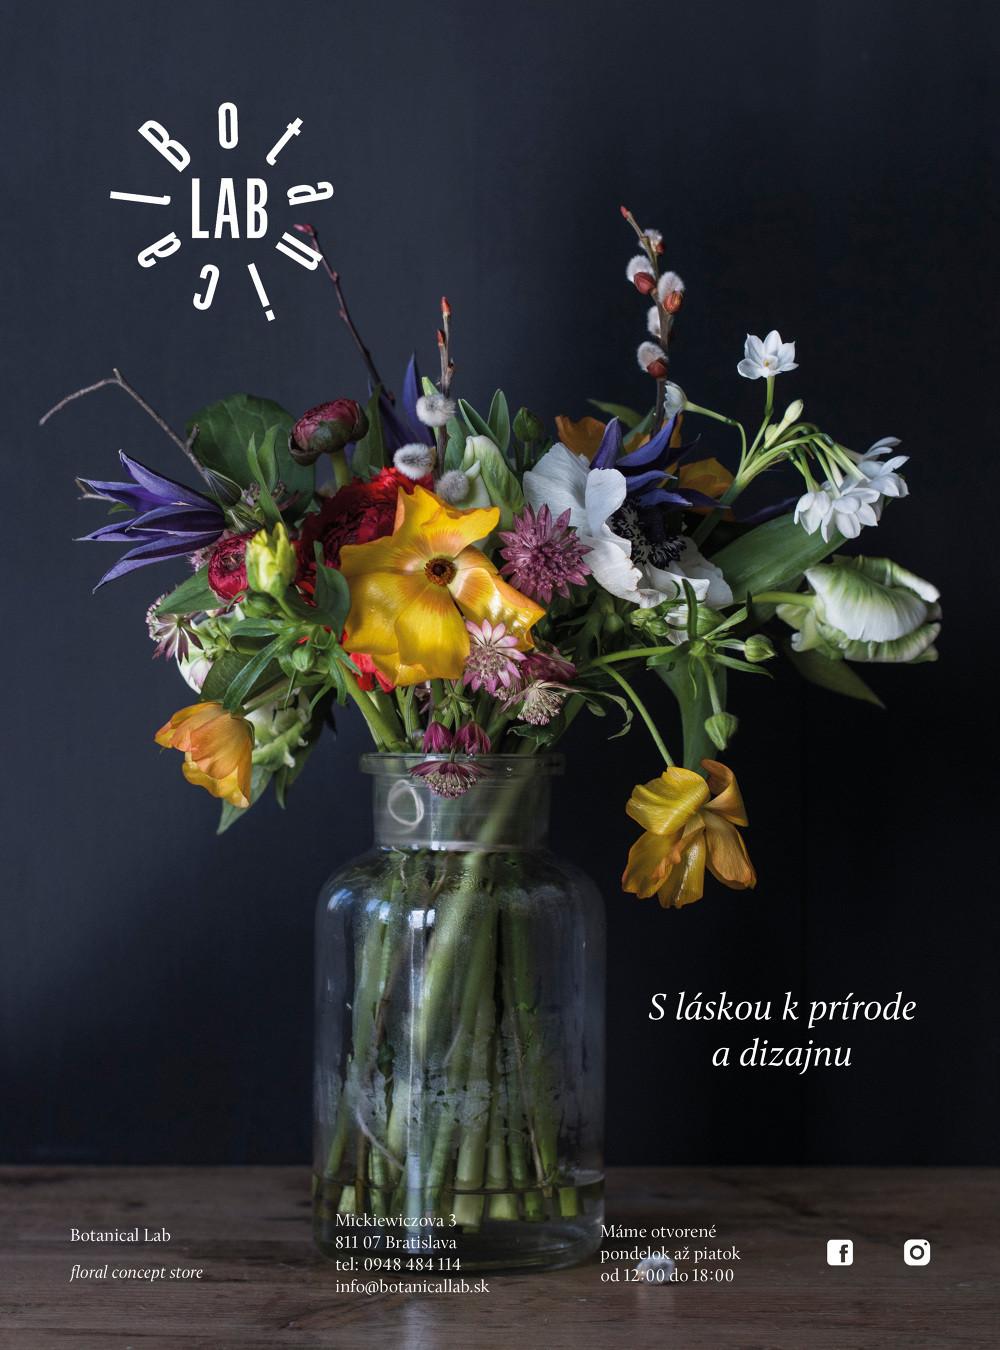 van gogh vase with flowers of 10 awesome small flower vase online bogekompresorturkiye com in 2017